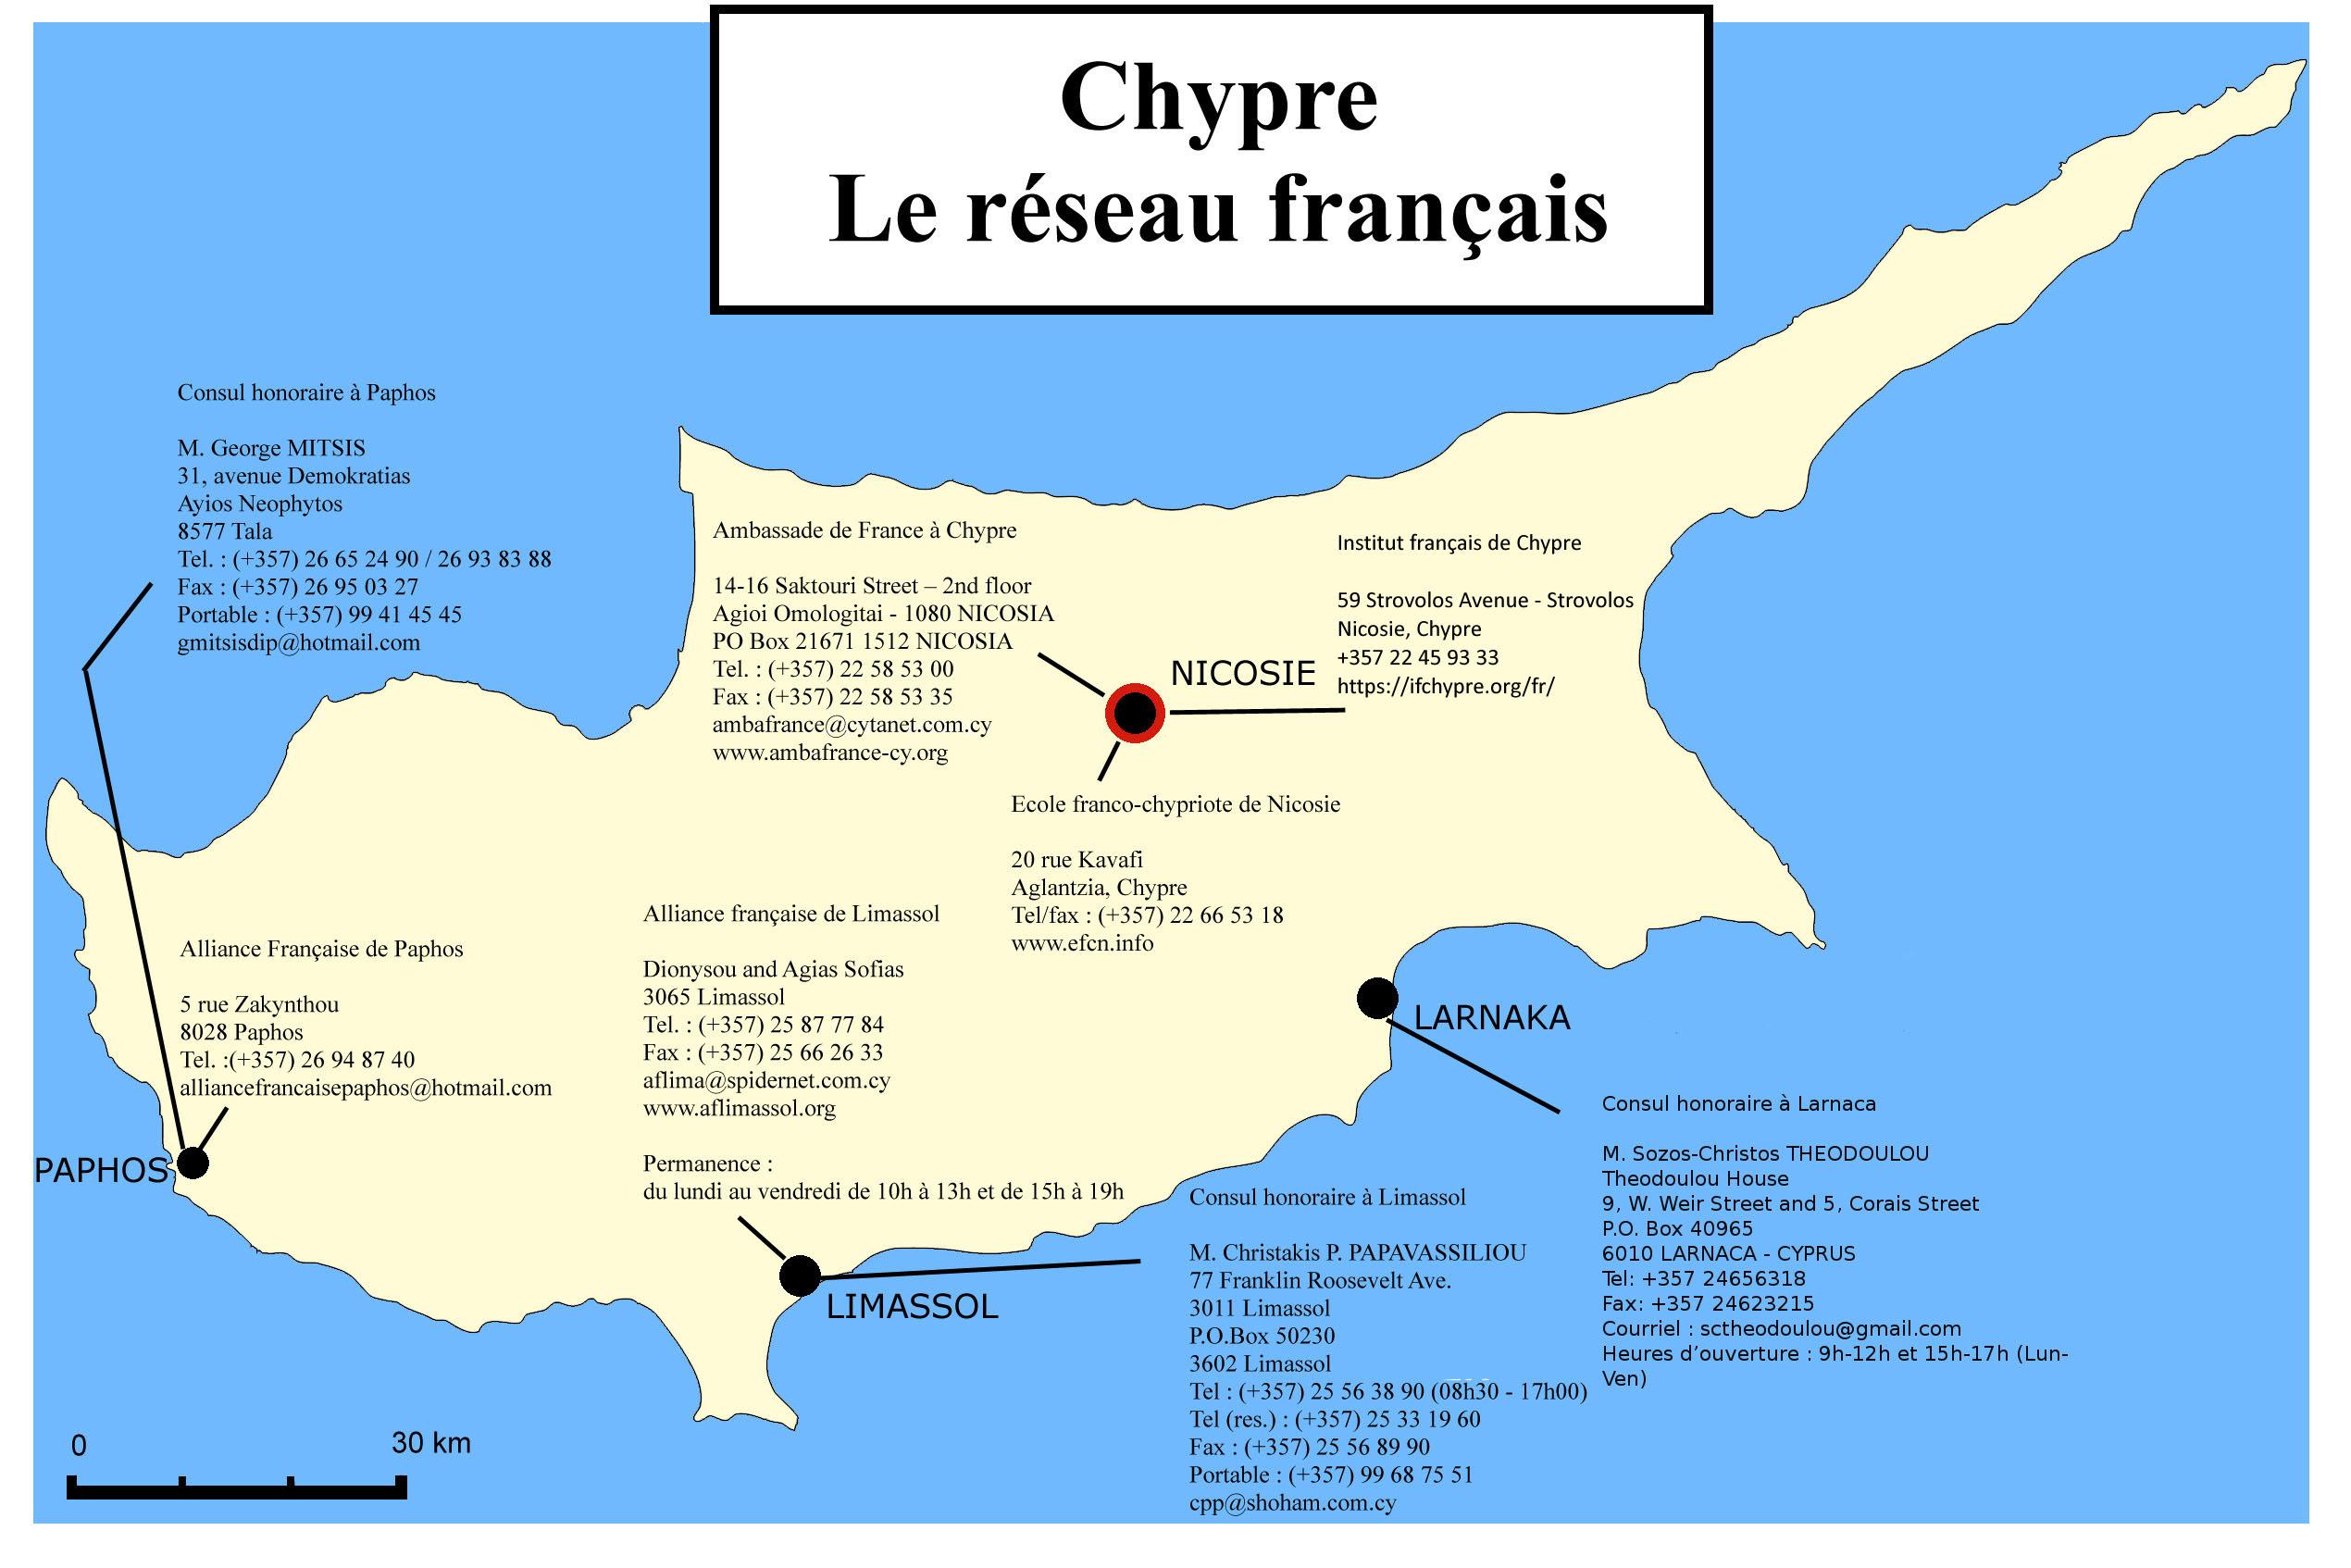 Carte Limassol Chypre.Carte Du Reseau Francais A Chypre La France A Chypre